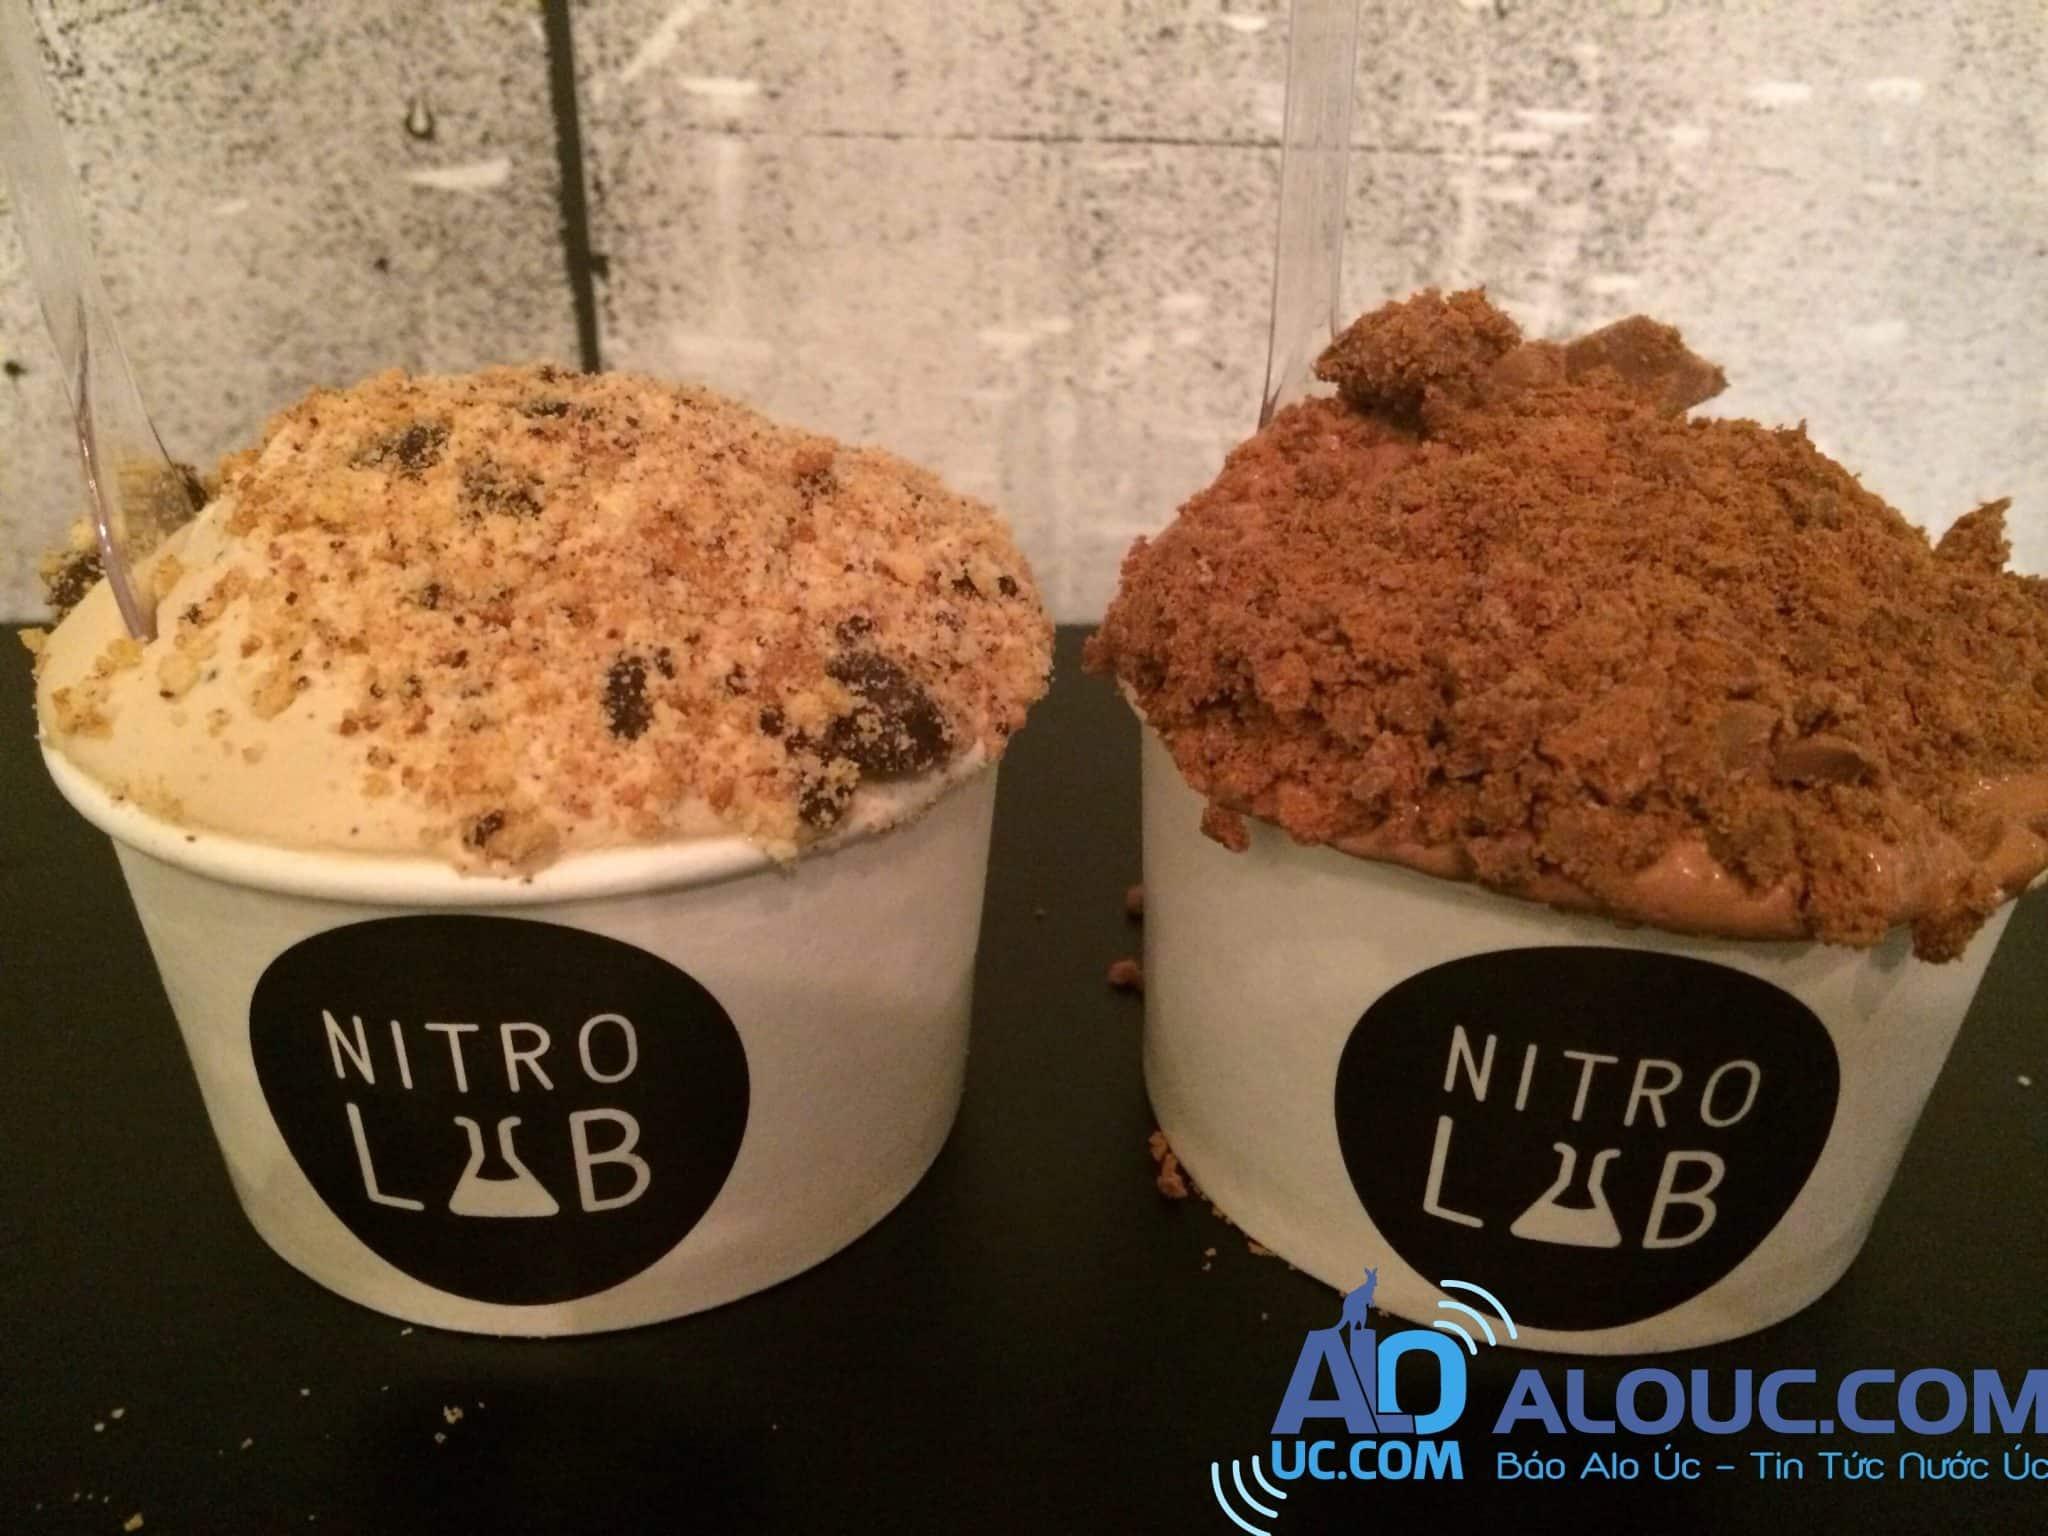 Kết quả hình ảnh cho nitro lab ice cream